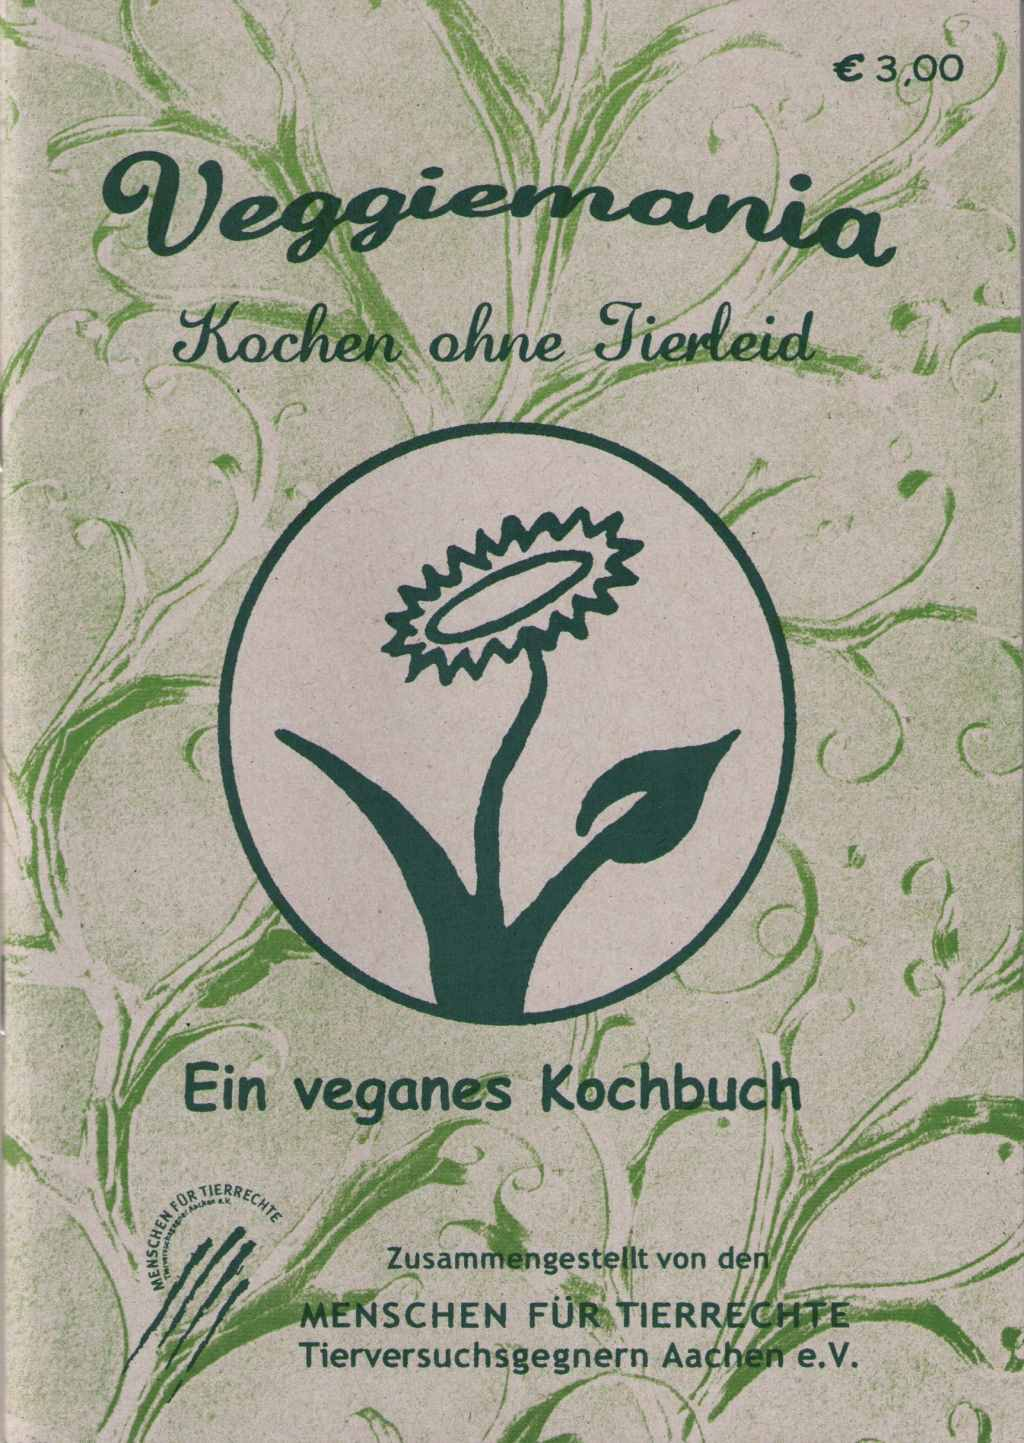 Veggiemania